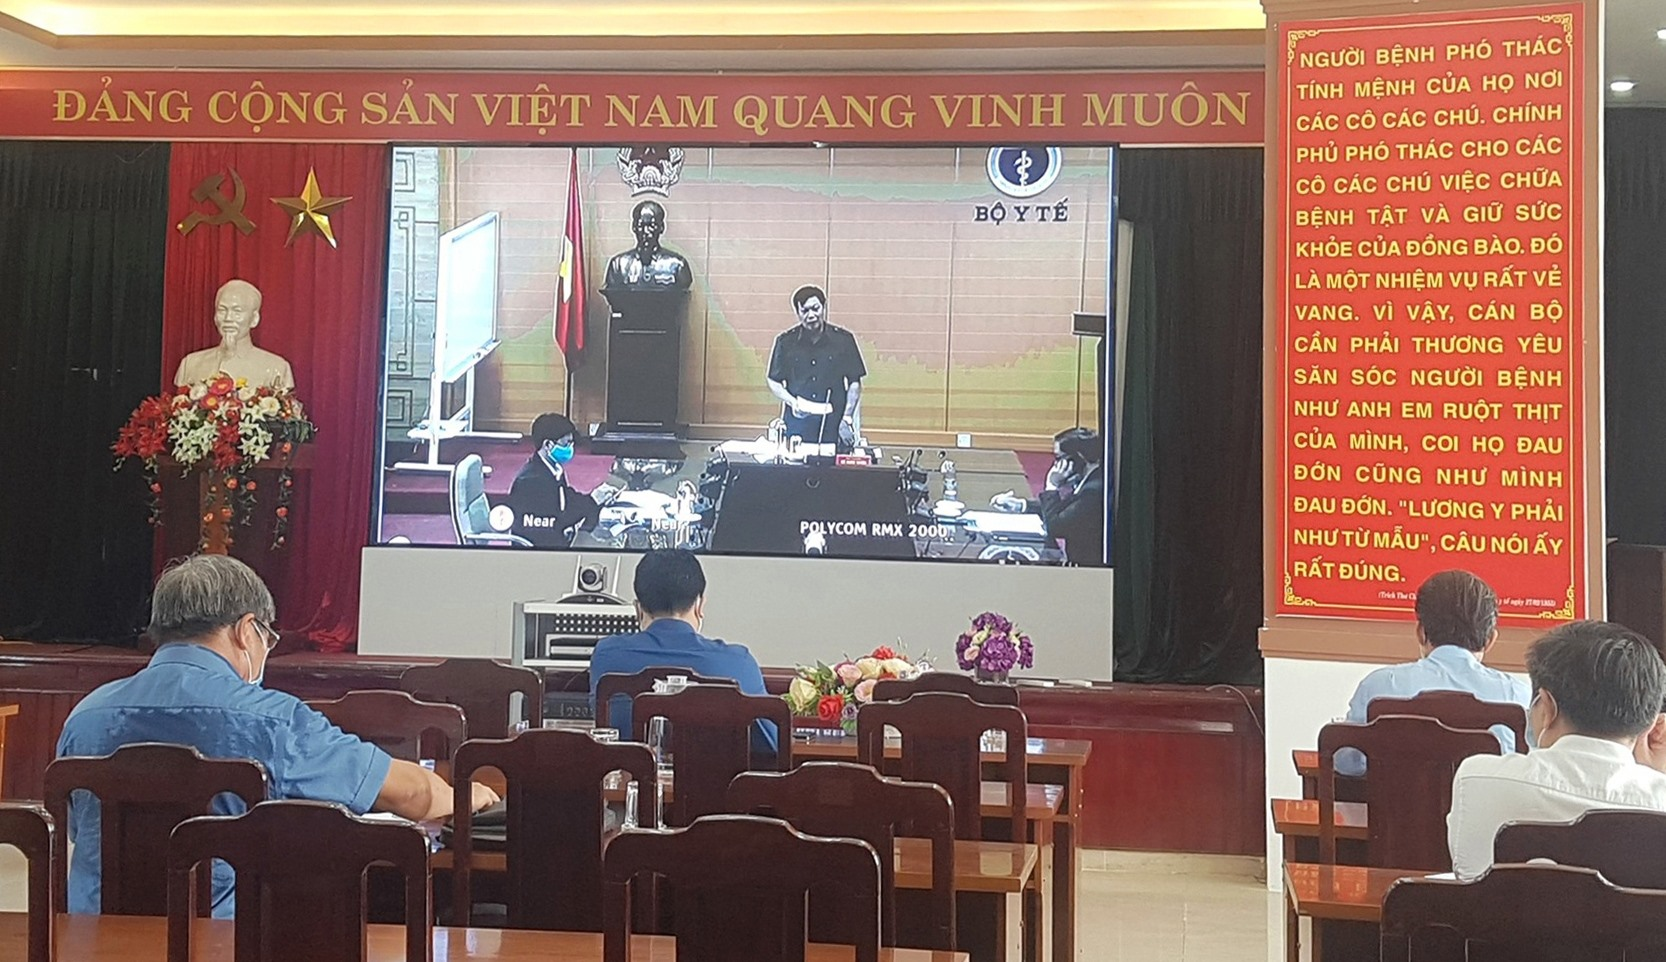 Đầu cầu Quảng Nam tại hội nghị trực tuyến sáng nay. Ảnh: D.L